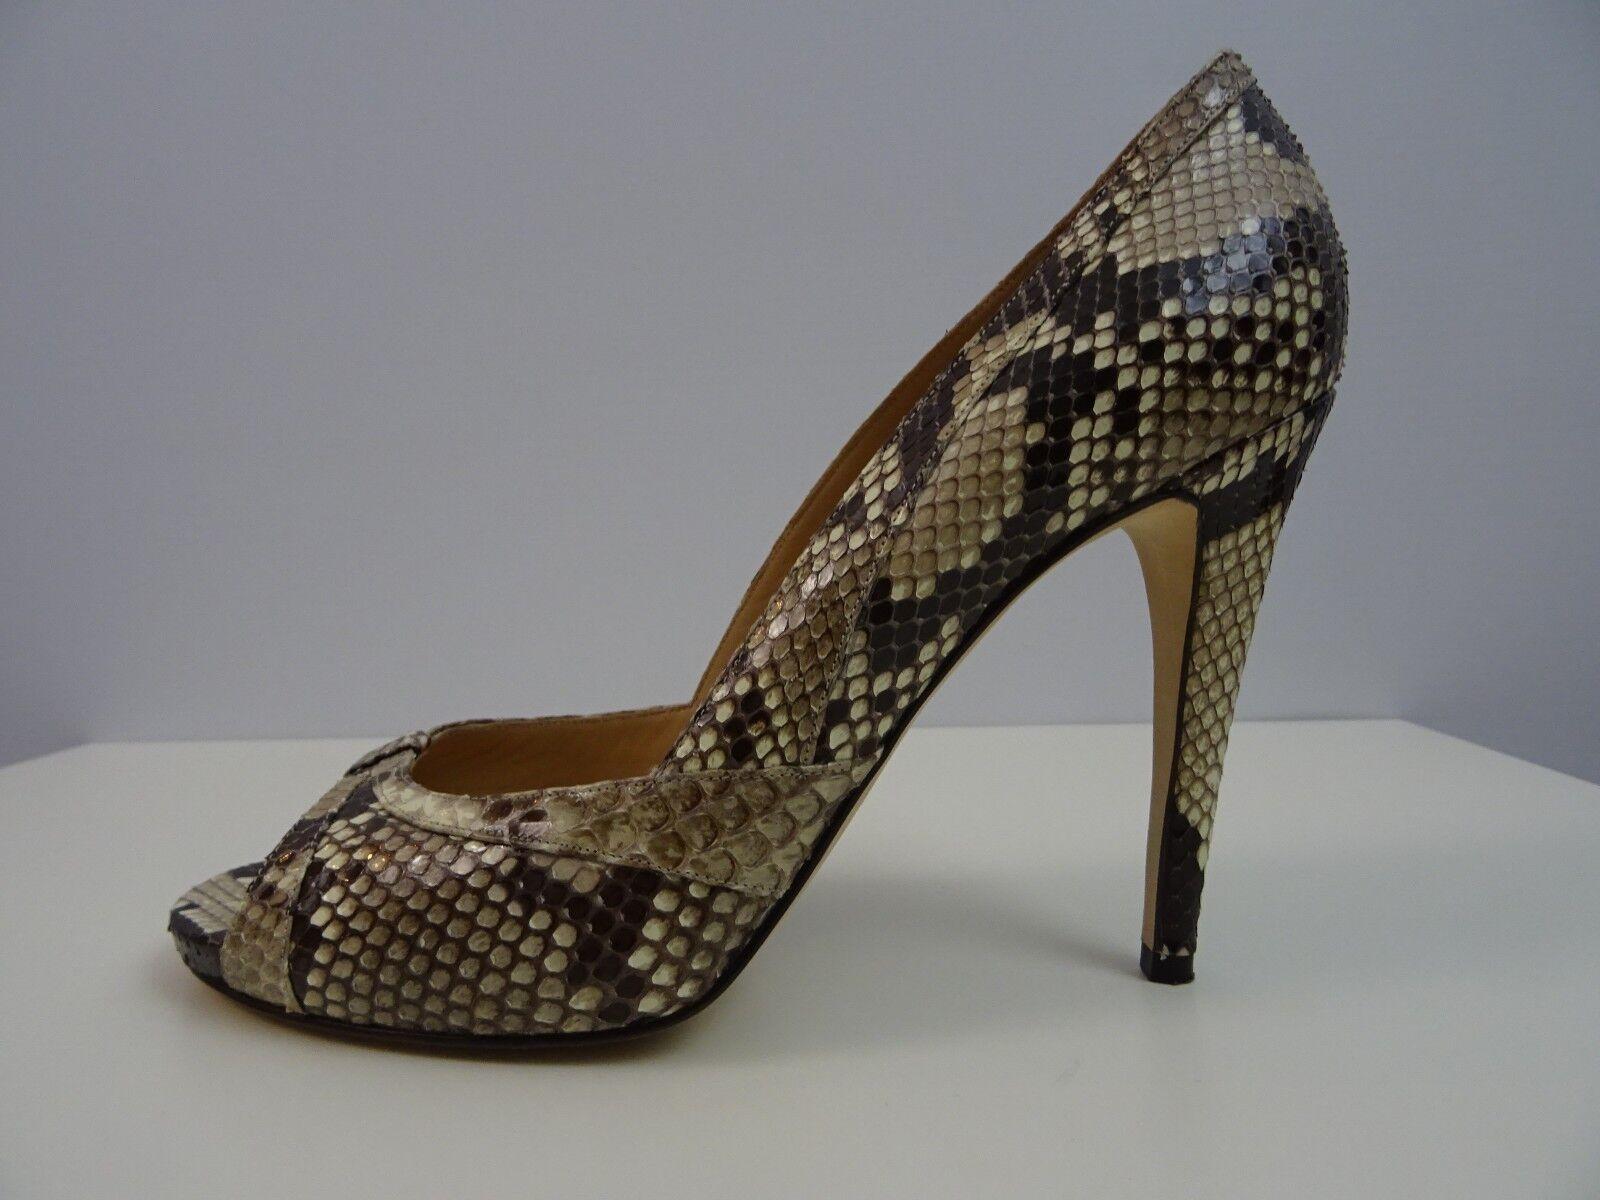 Unützer Damen Schuhes Schuhe Pumps Peep Toe Schuhes Damen High Heels Python 40 Handmade Wie neu f34eac